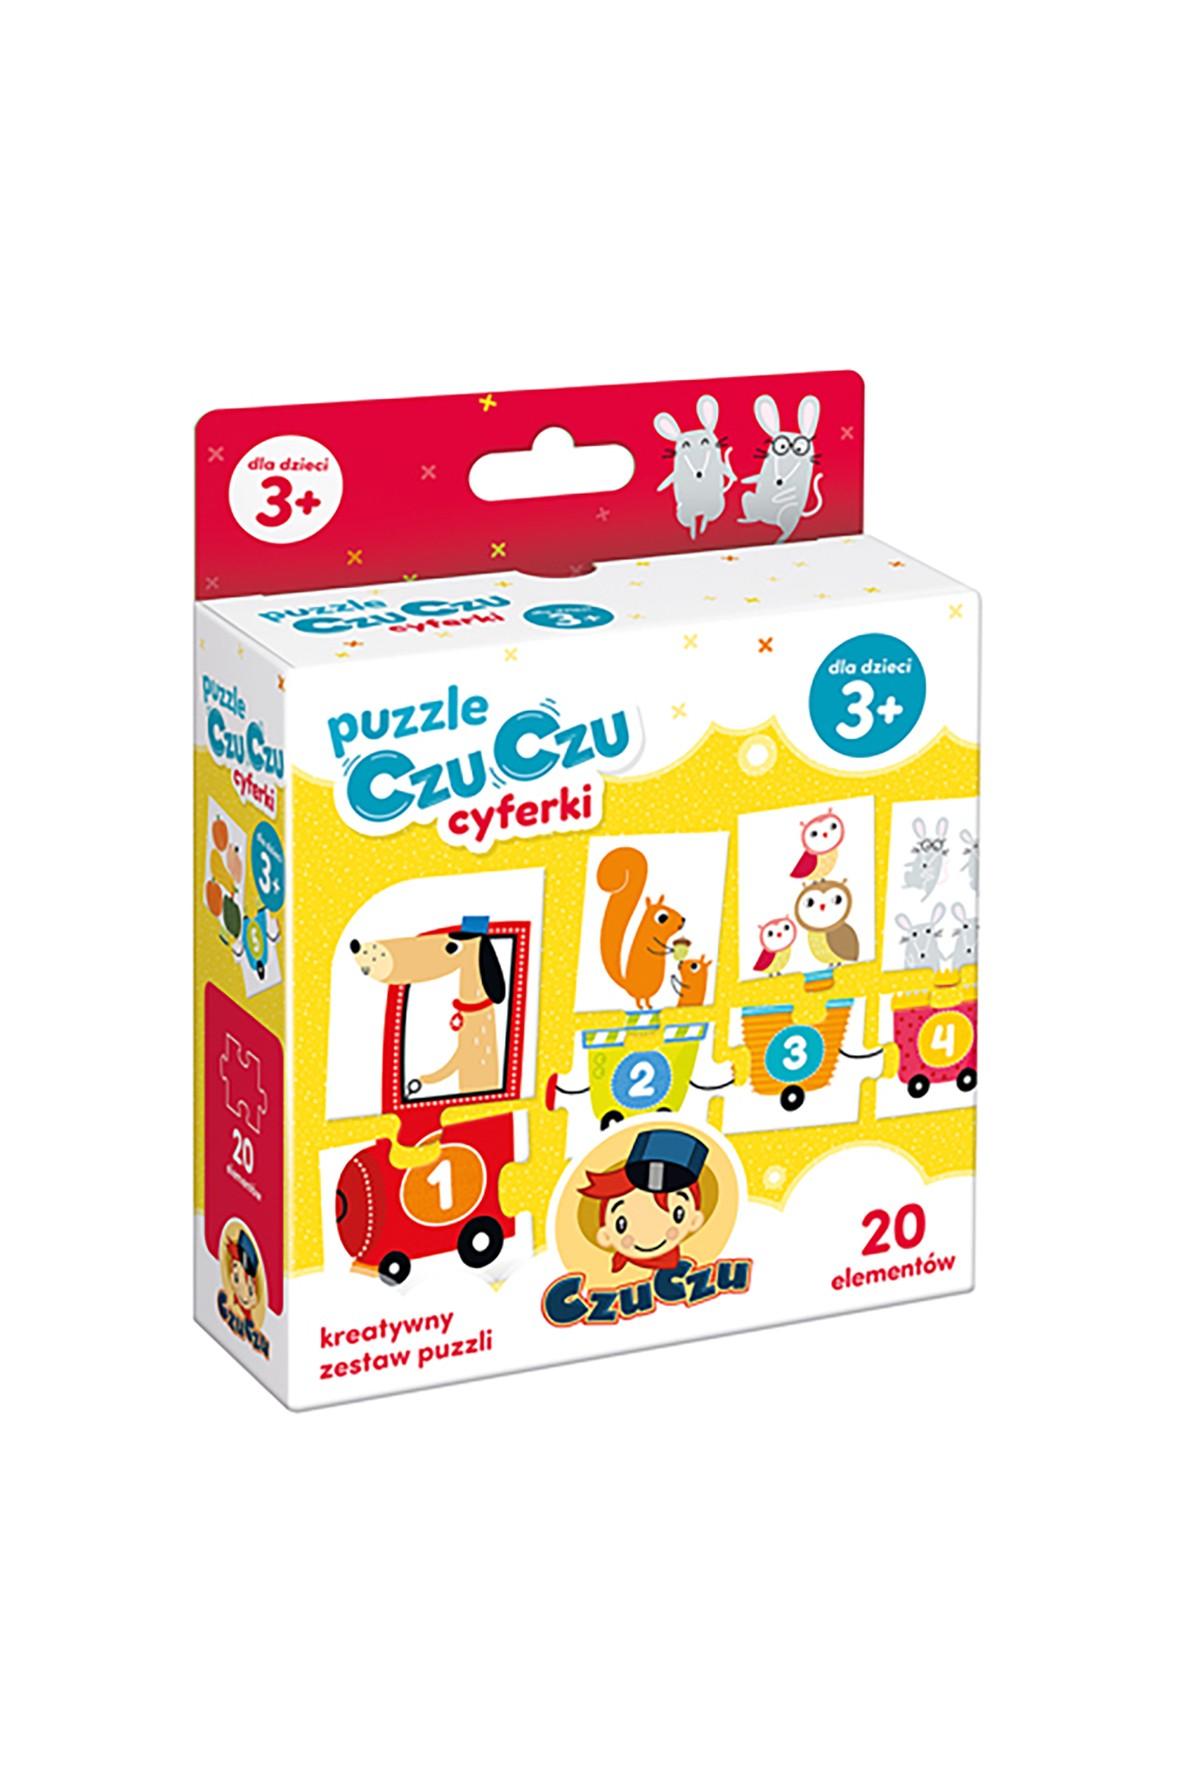 Puzzle Czuczu cyferki 20el 3+